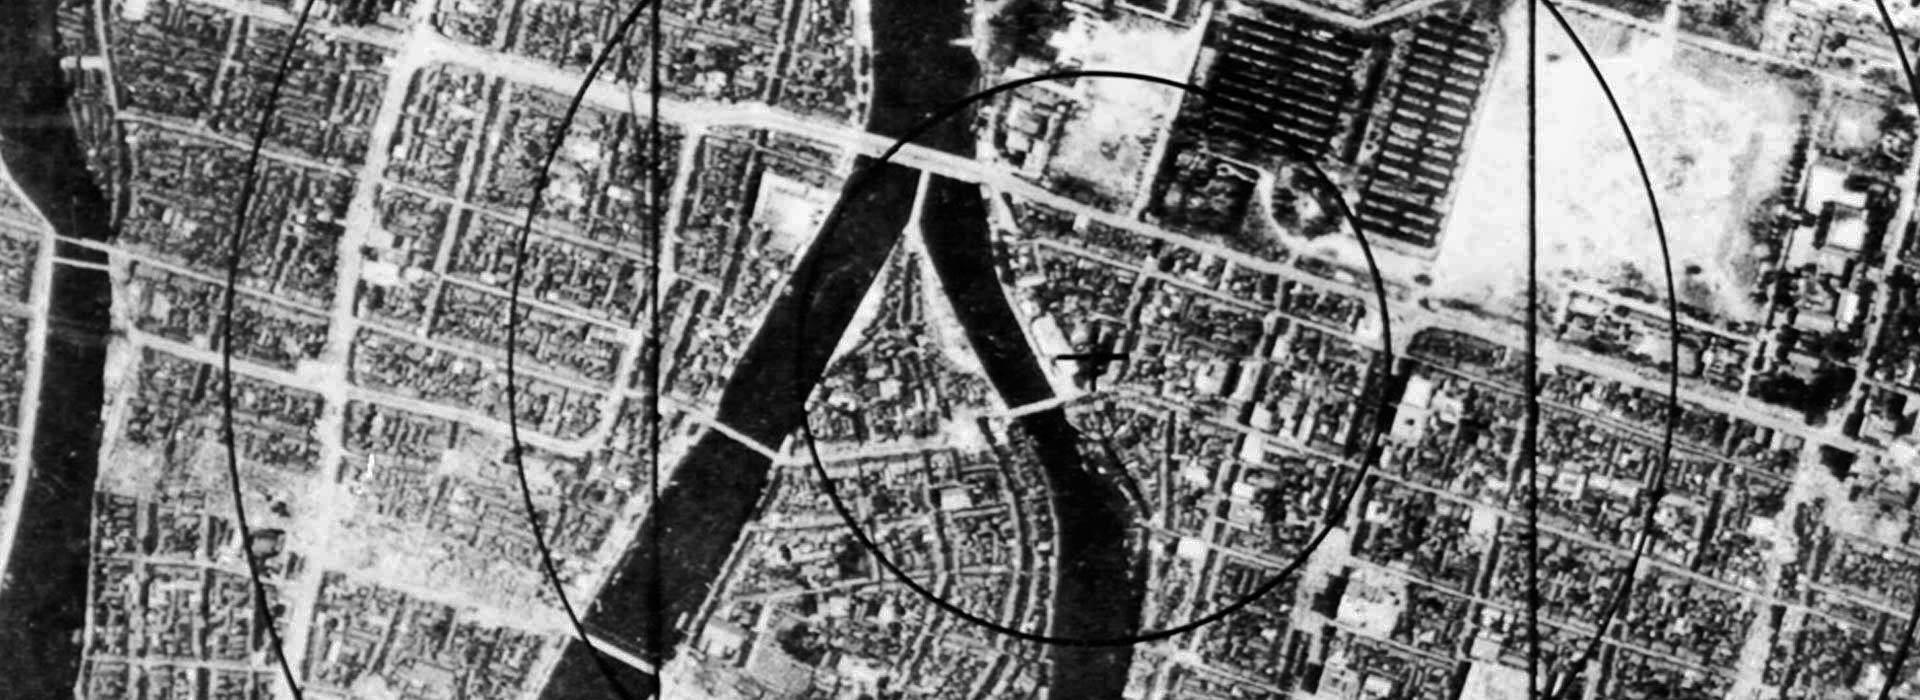 6 серпня: атомне бомбардування Хіросіми